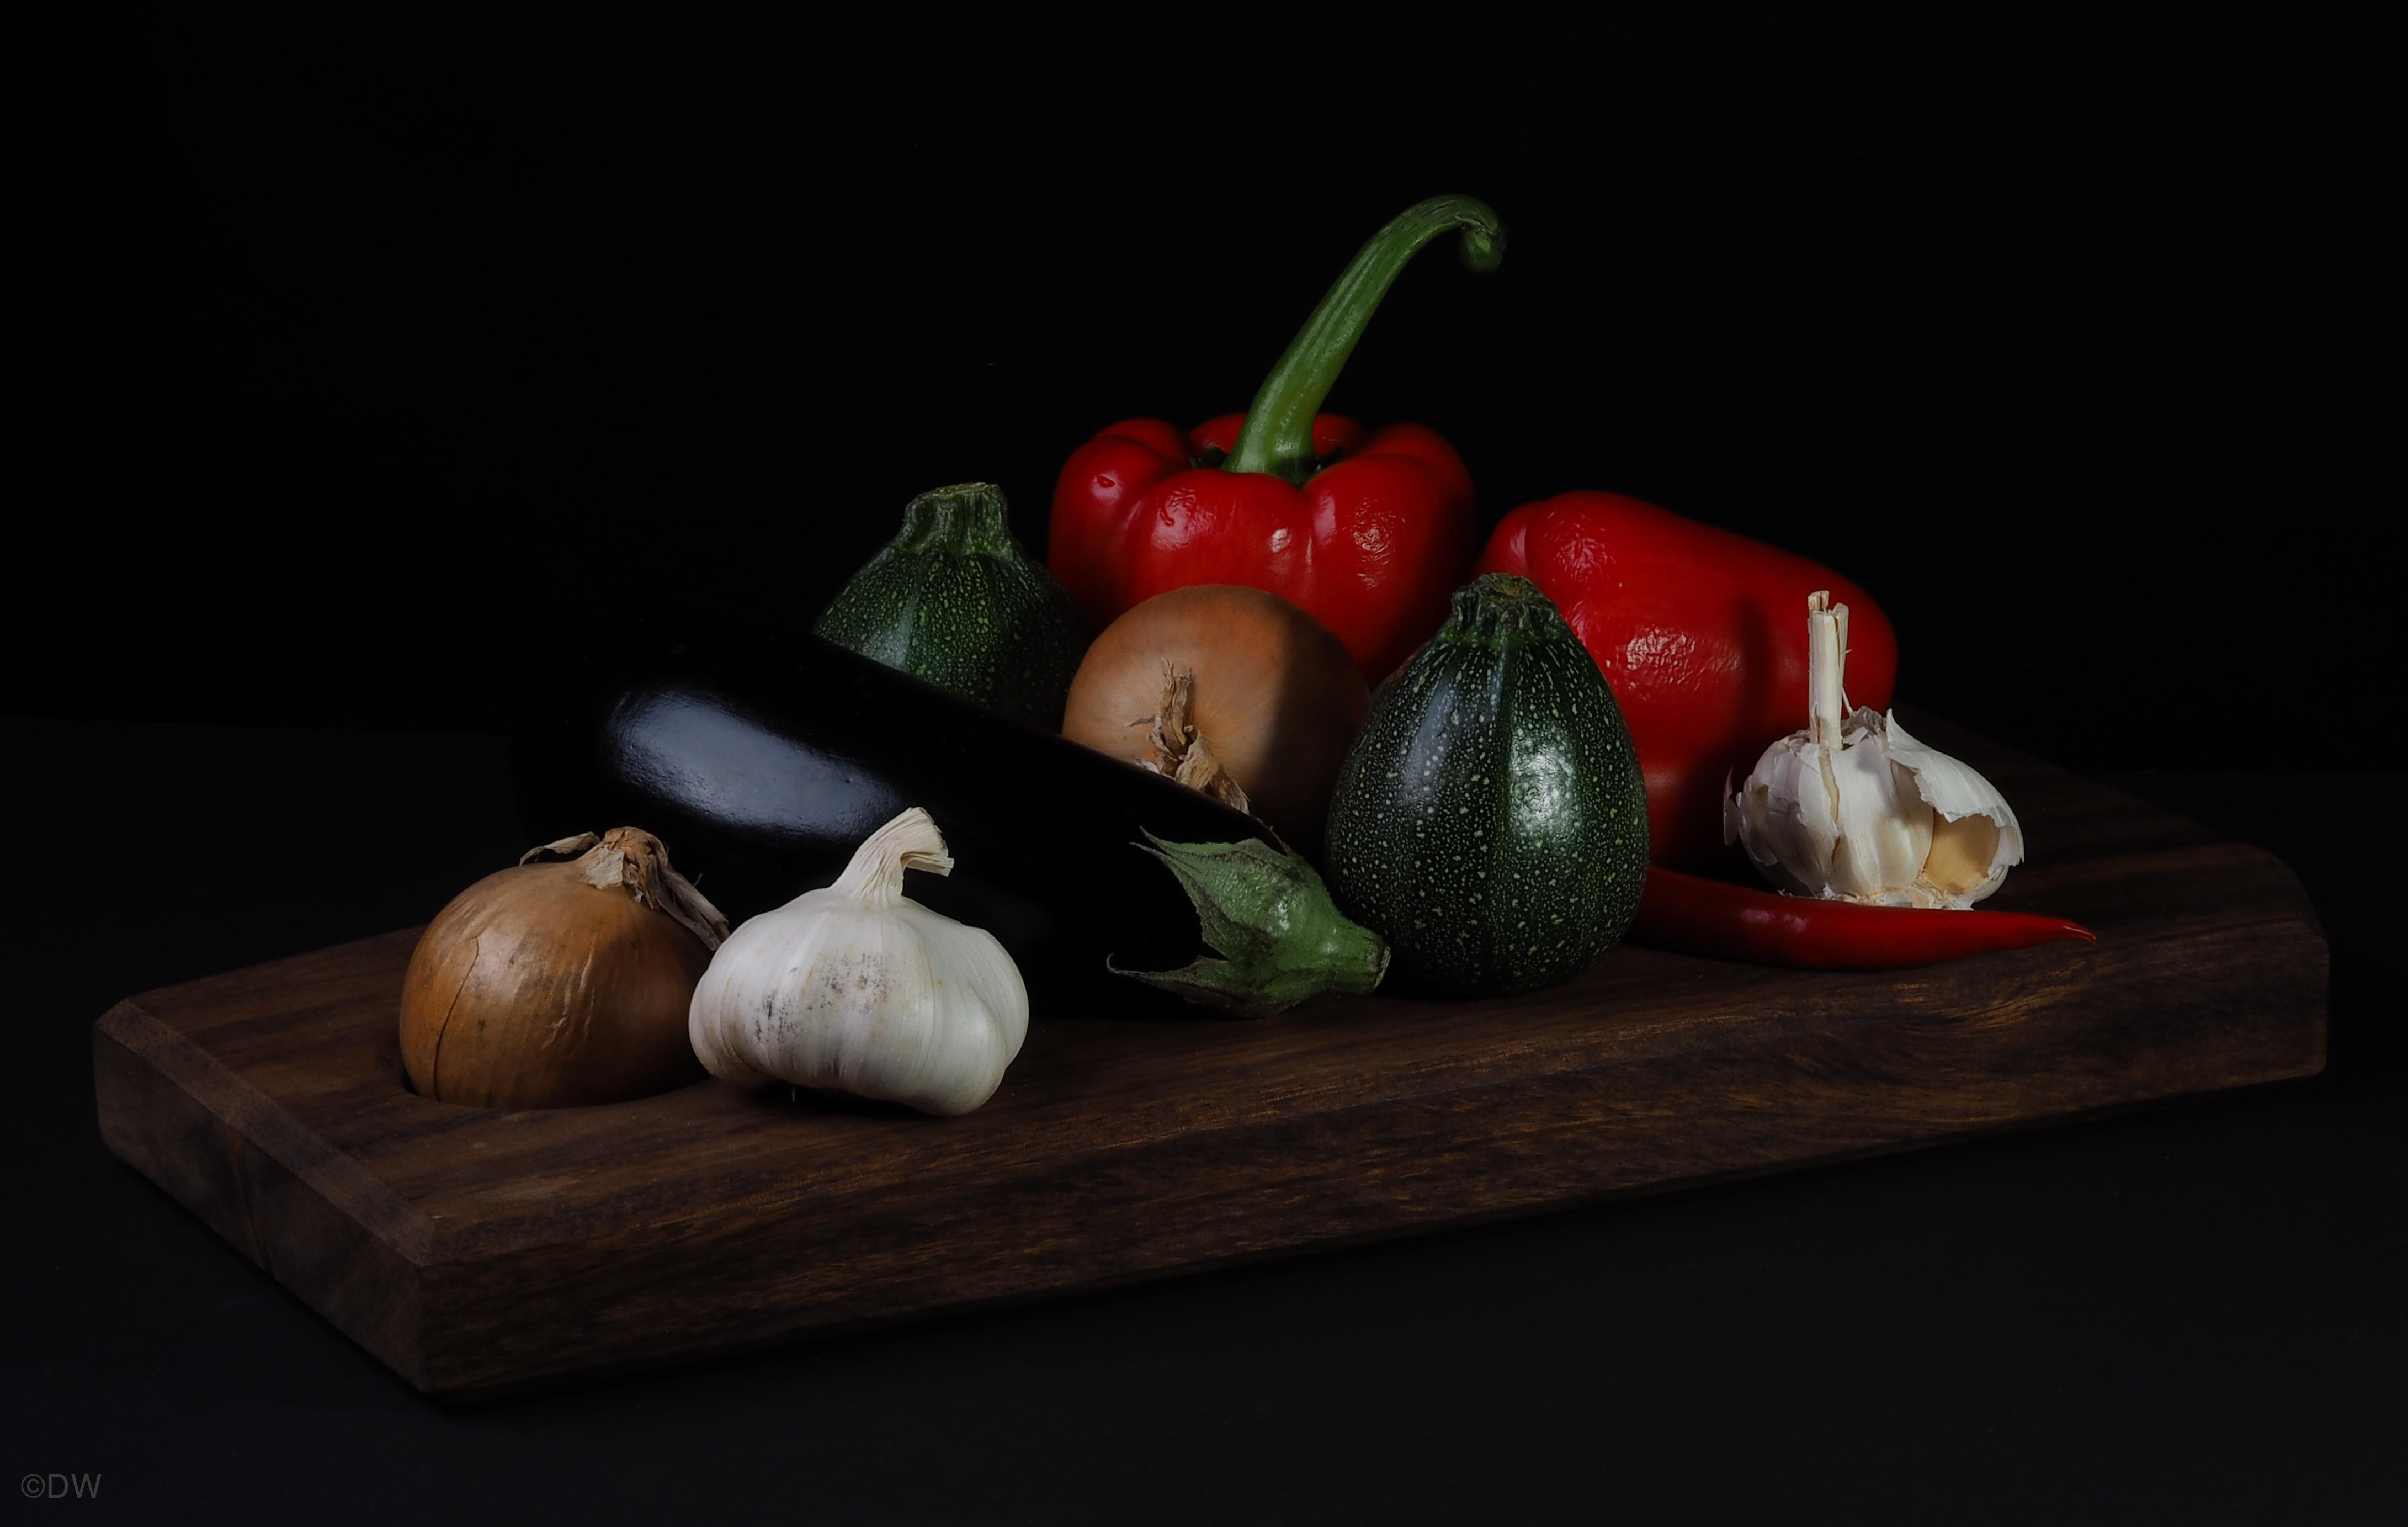 Hintergrundbilder : Malerei, Lebensmittel, Kunstwerk, produzieren ...